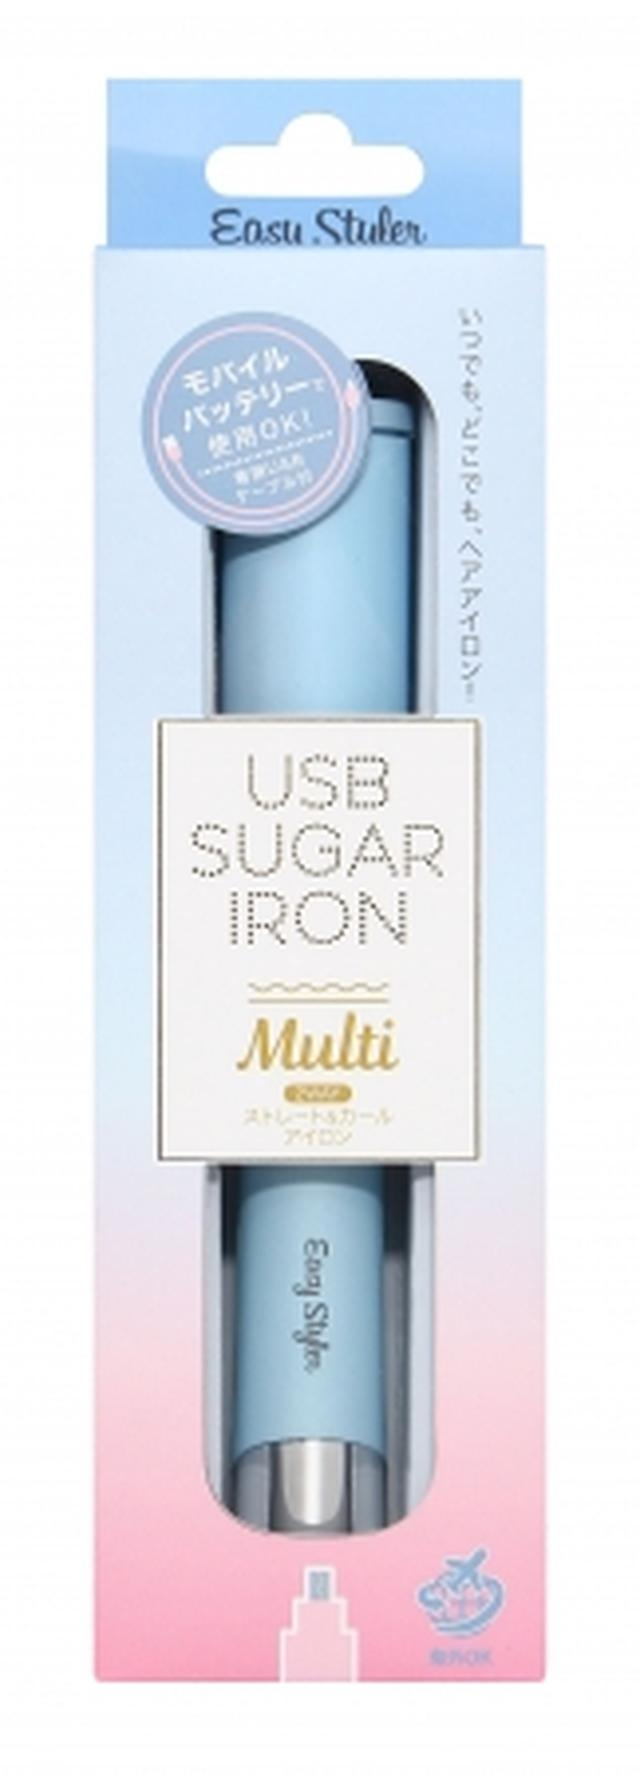 画像: EasyStyler USB SUGAR IRON 【MULTI】 STYLING:ストレートヘア、たて巻きウェーブヘア、毛先ワンカールヘア 価格:¥2,900(+税)